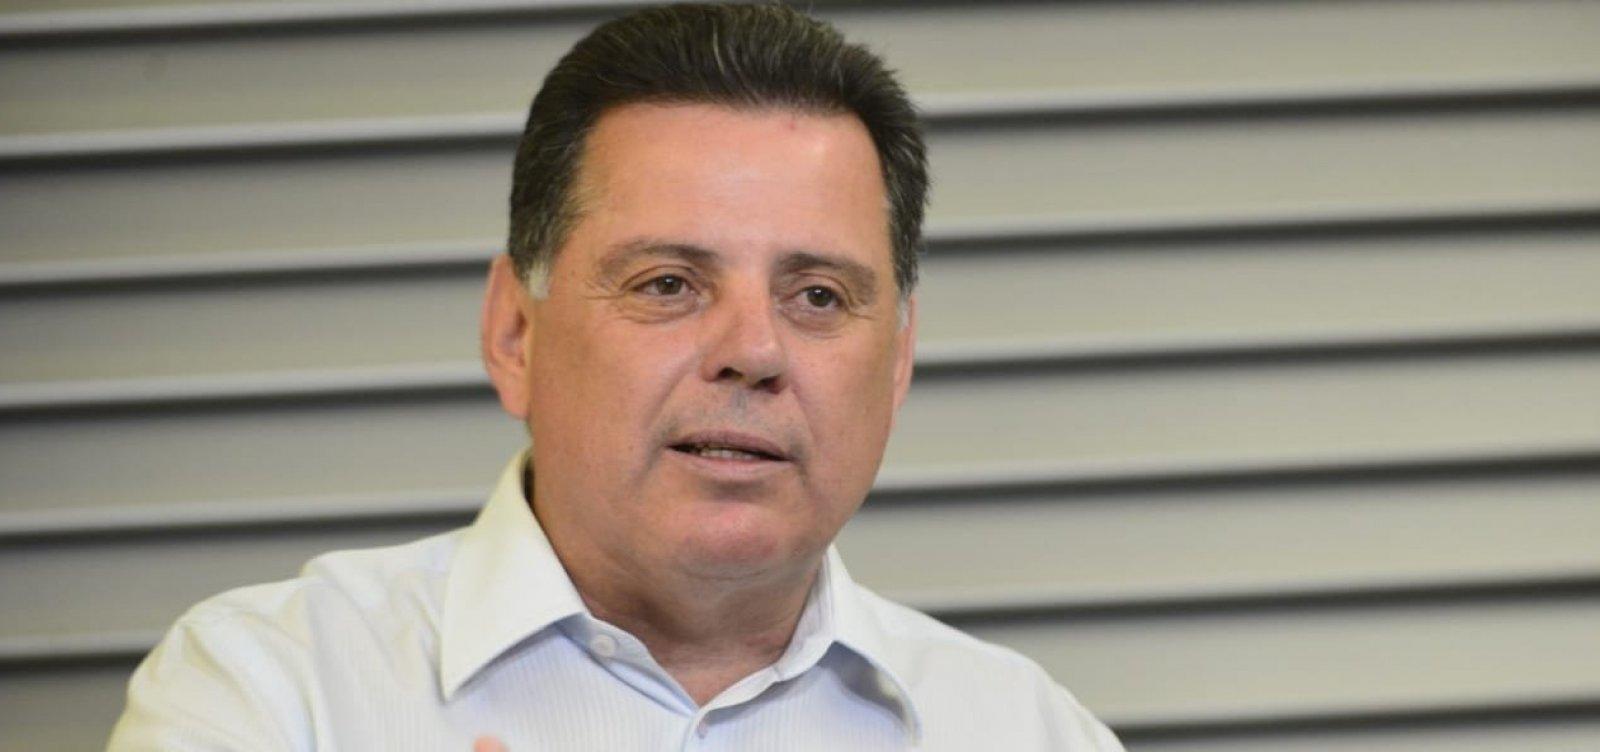 [Juiz mantém prisão de aliado de Perillo para evitar 'desequilíbrio' na eleição]